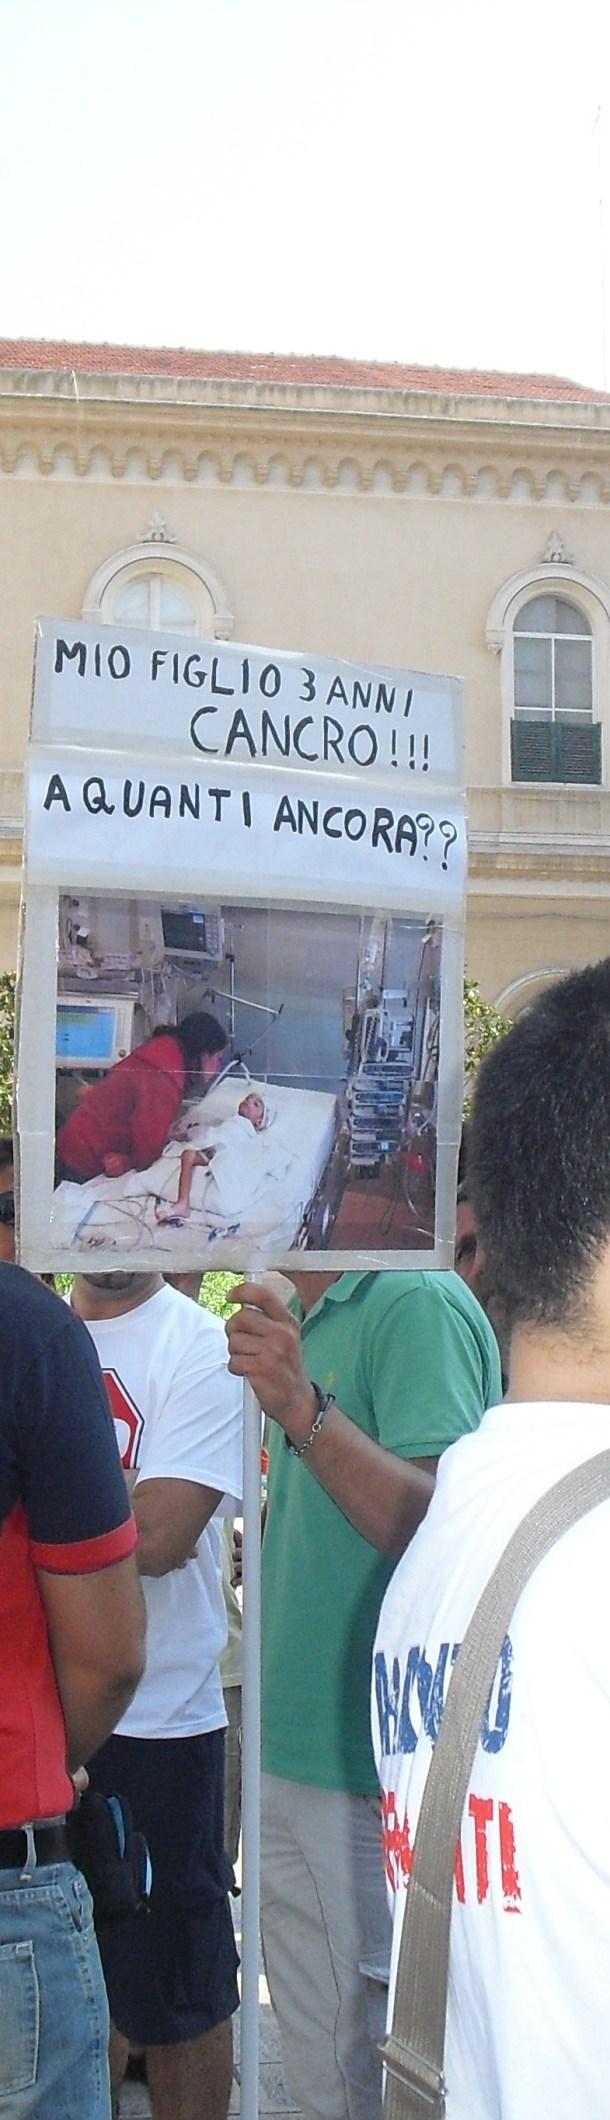 Un bambino ammalato di cancro, ricordato dal cartello portato in Piazza Maria Immacolata da suo padre, alla manifestazione del 17 agosto 2012